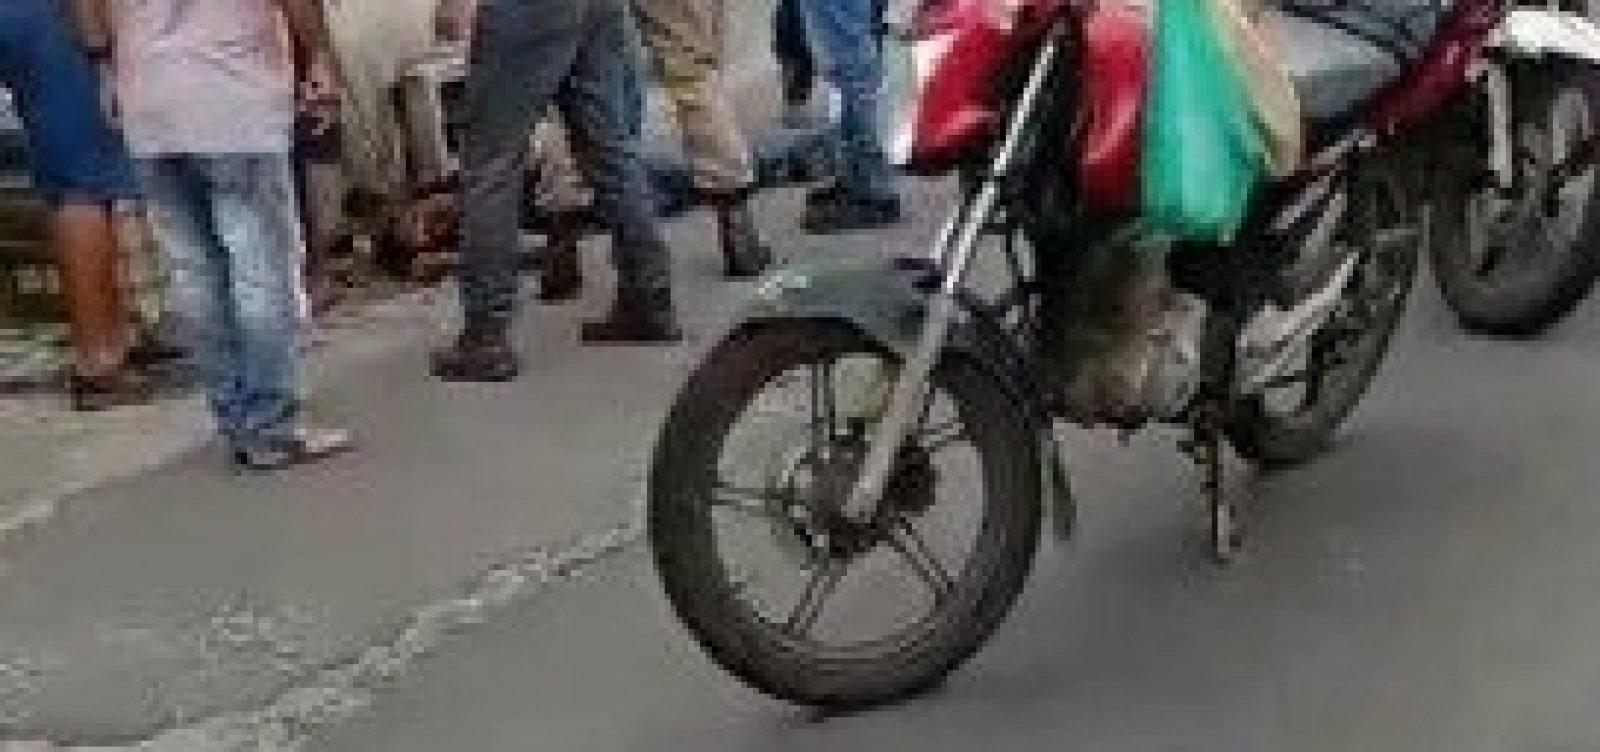 Soldado da PM é morto em troca de tiros no Cabula